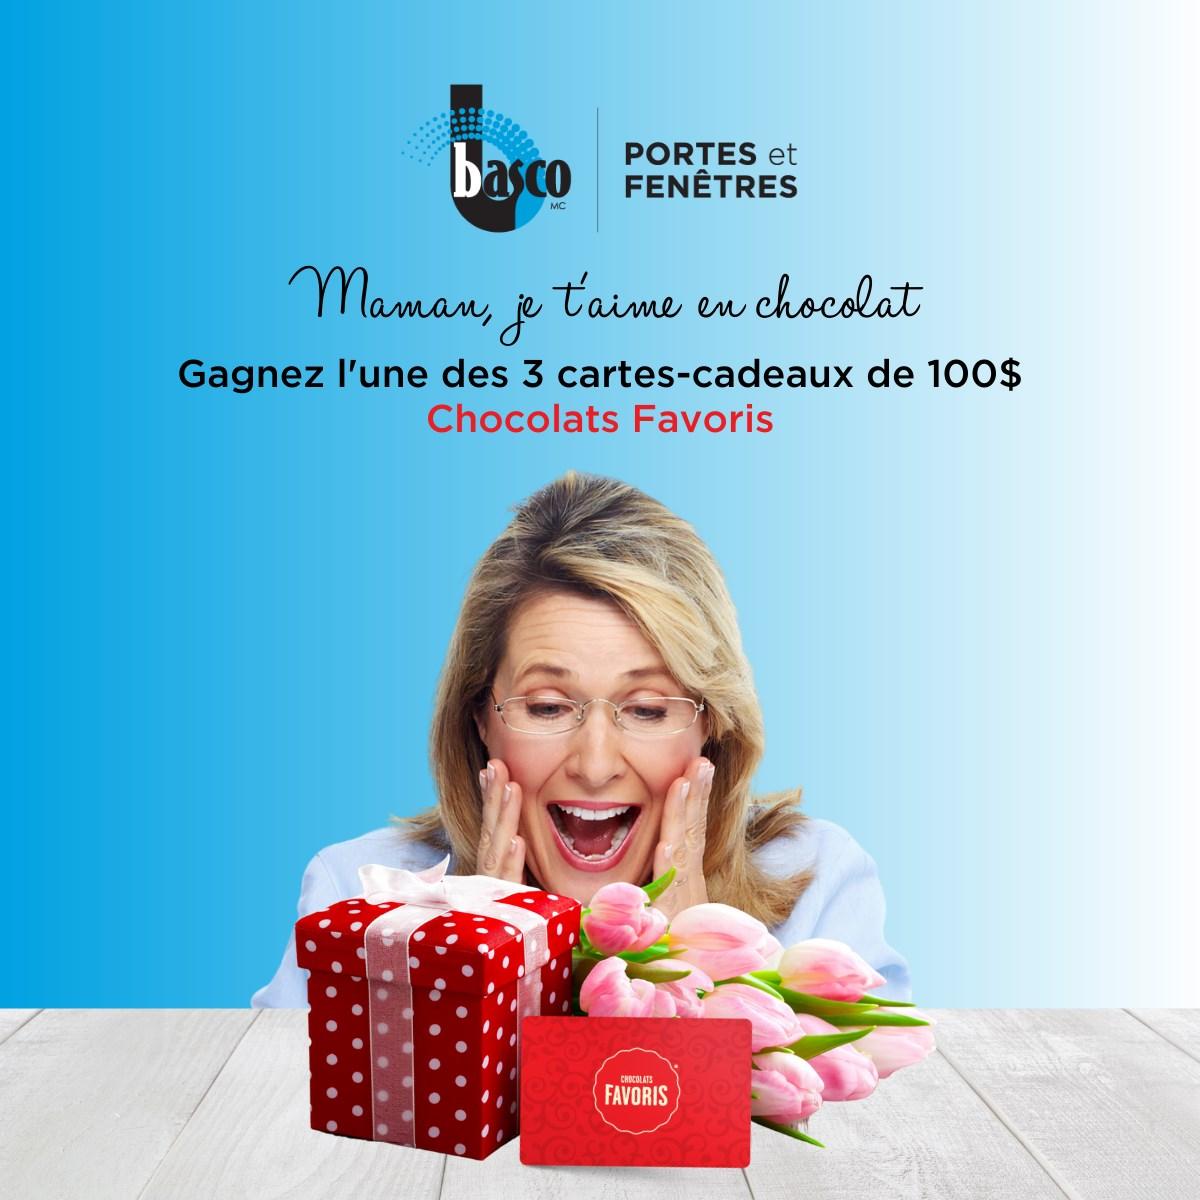 chocolats favoris concours basco